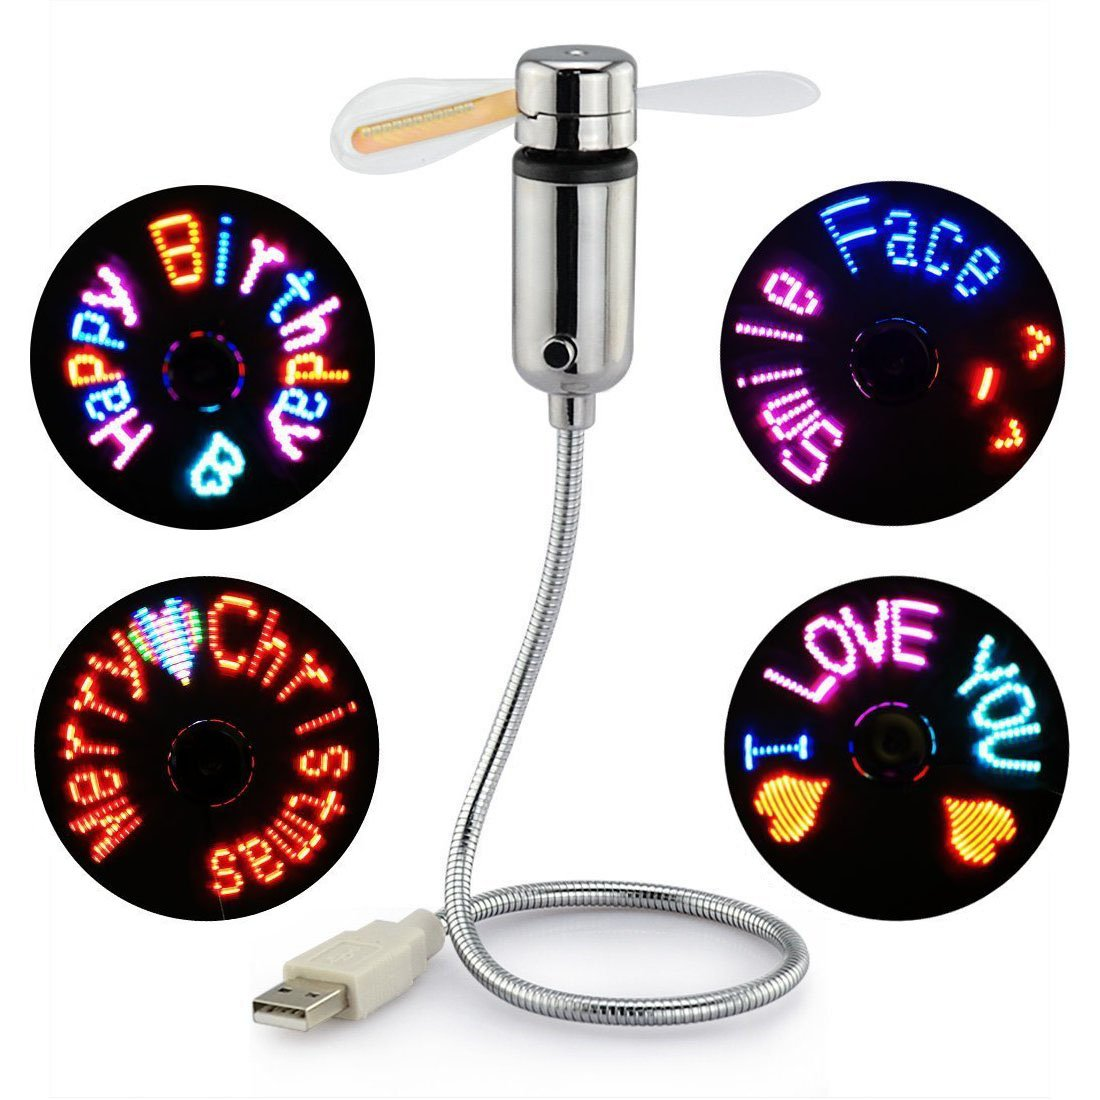 New RGB USB LED RGB Programmable Fan for PC Laptop Notebook Desktops Flexible Gooseneck Mini USB Programmable Fan Colorful Cooling Fan Silver by XXMANX